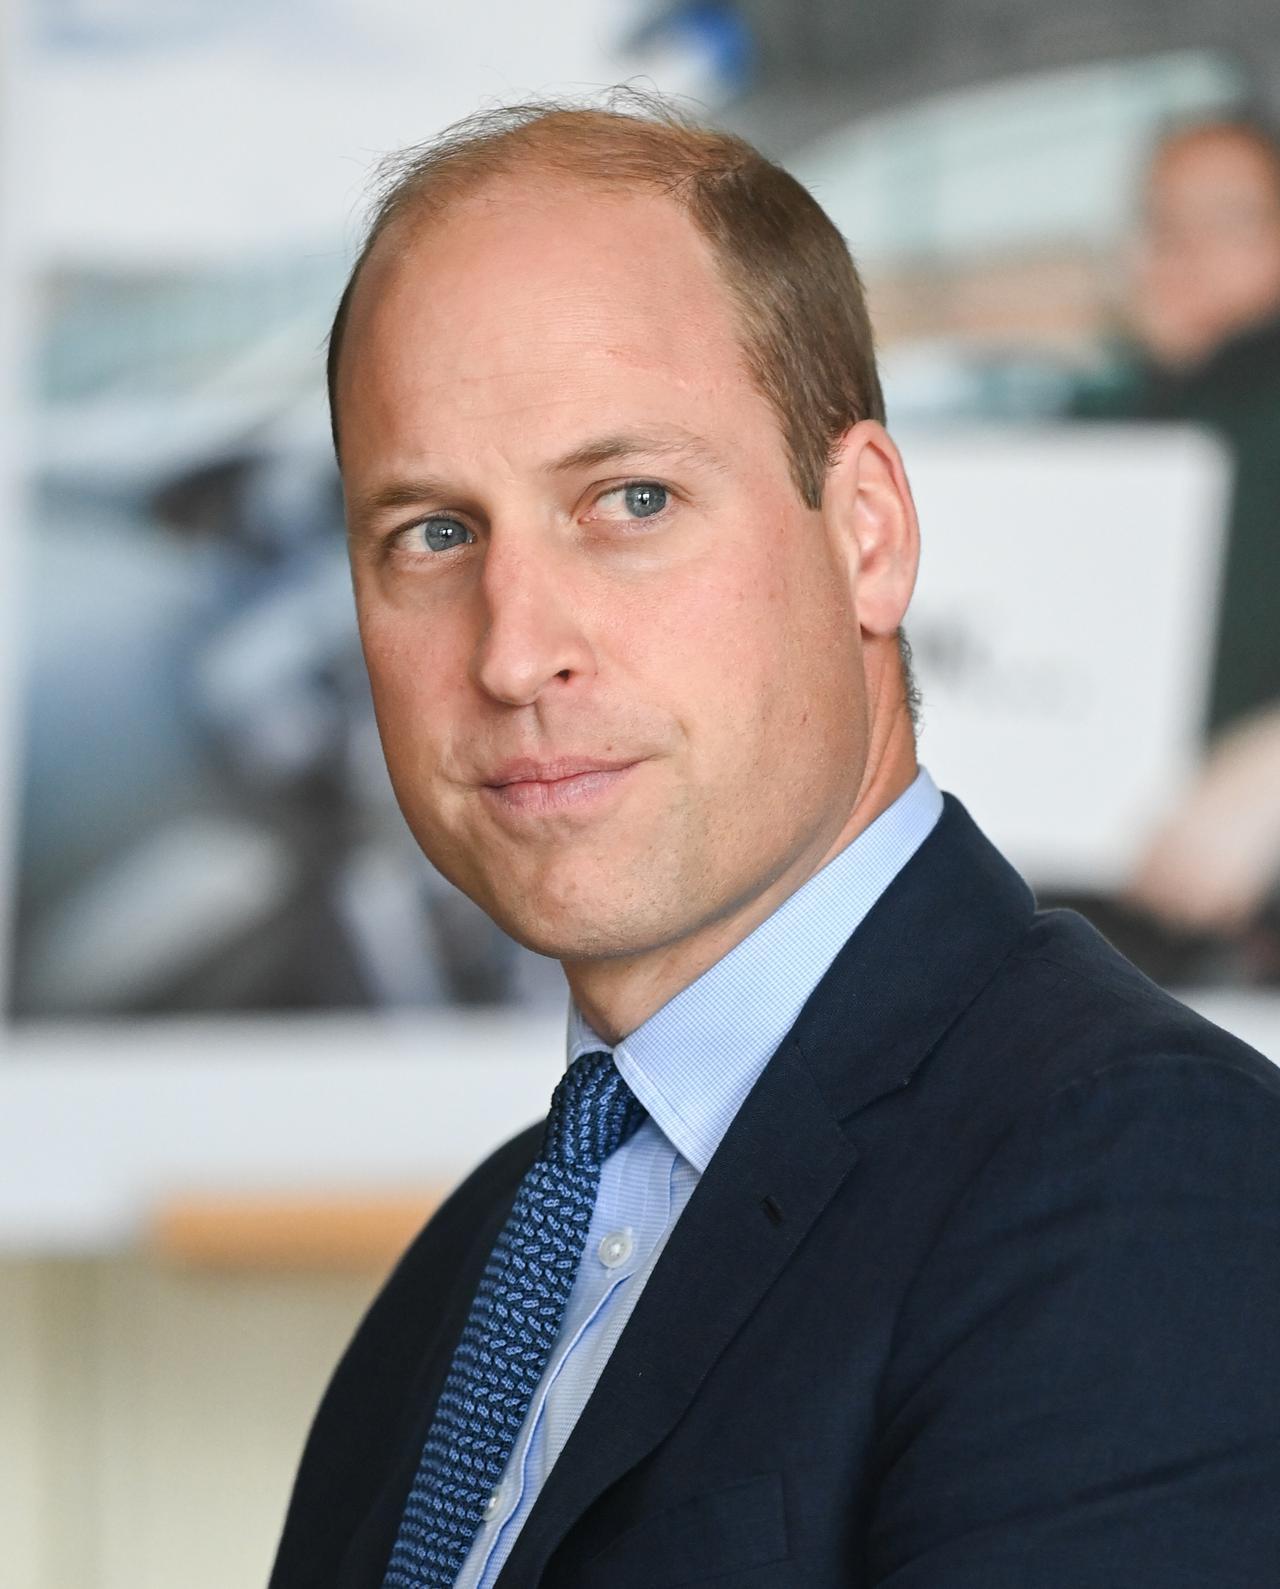 画像: ウィリアム王子が名誉か不名誉かわからない称号を手にする